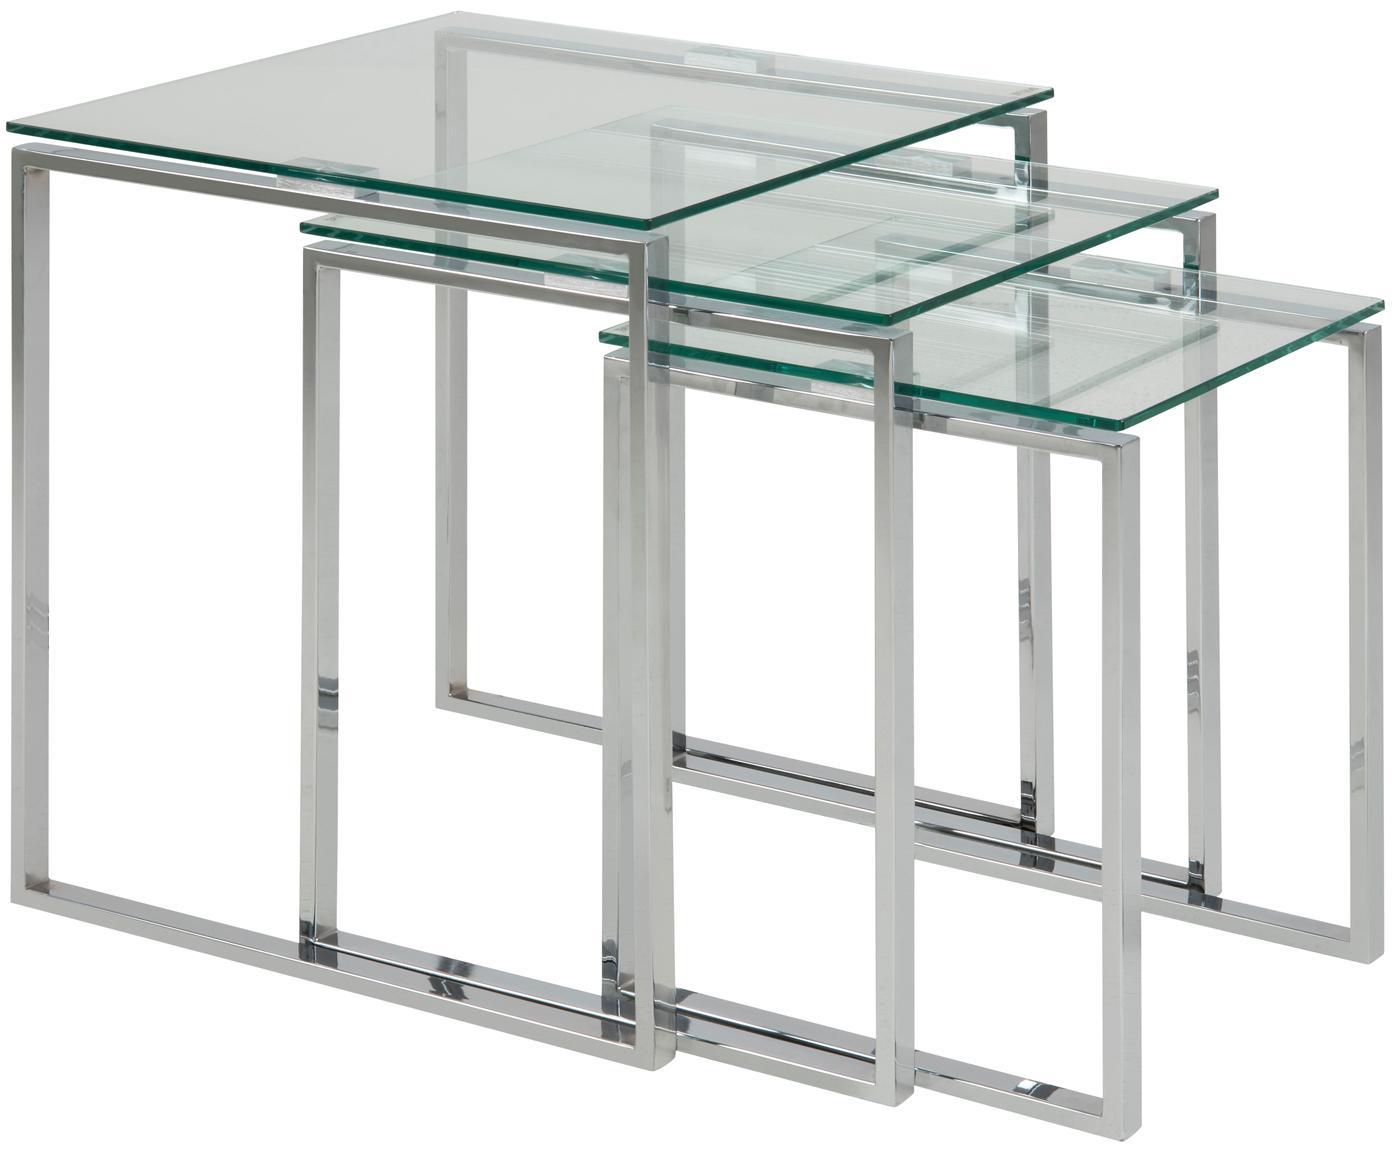 Beistelltisch 3-Set Katrine mit Glasplatte, Gestell: Stahl, verchromt, Tischplatte: Sicherheitsglas, Chrom, Transparent, Verschiedene Grössen